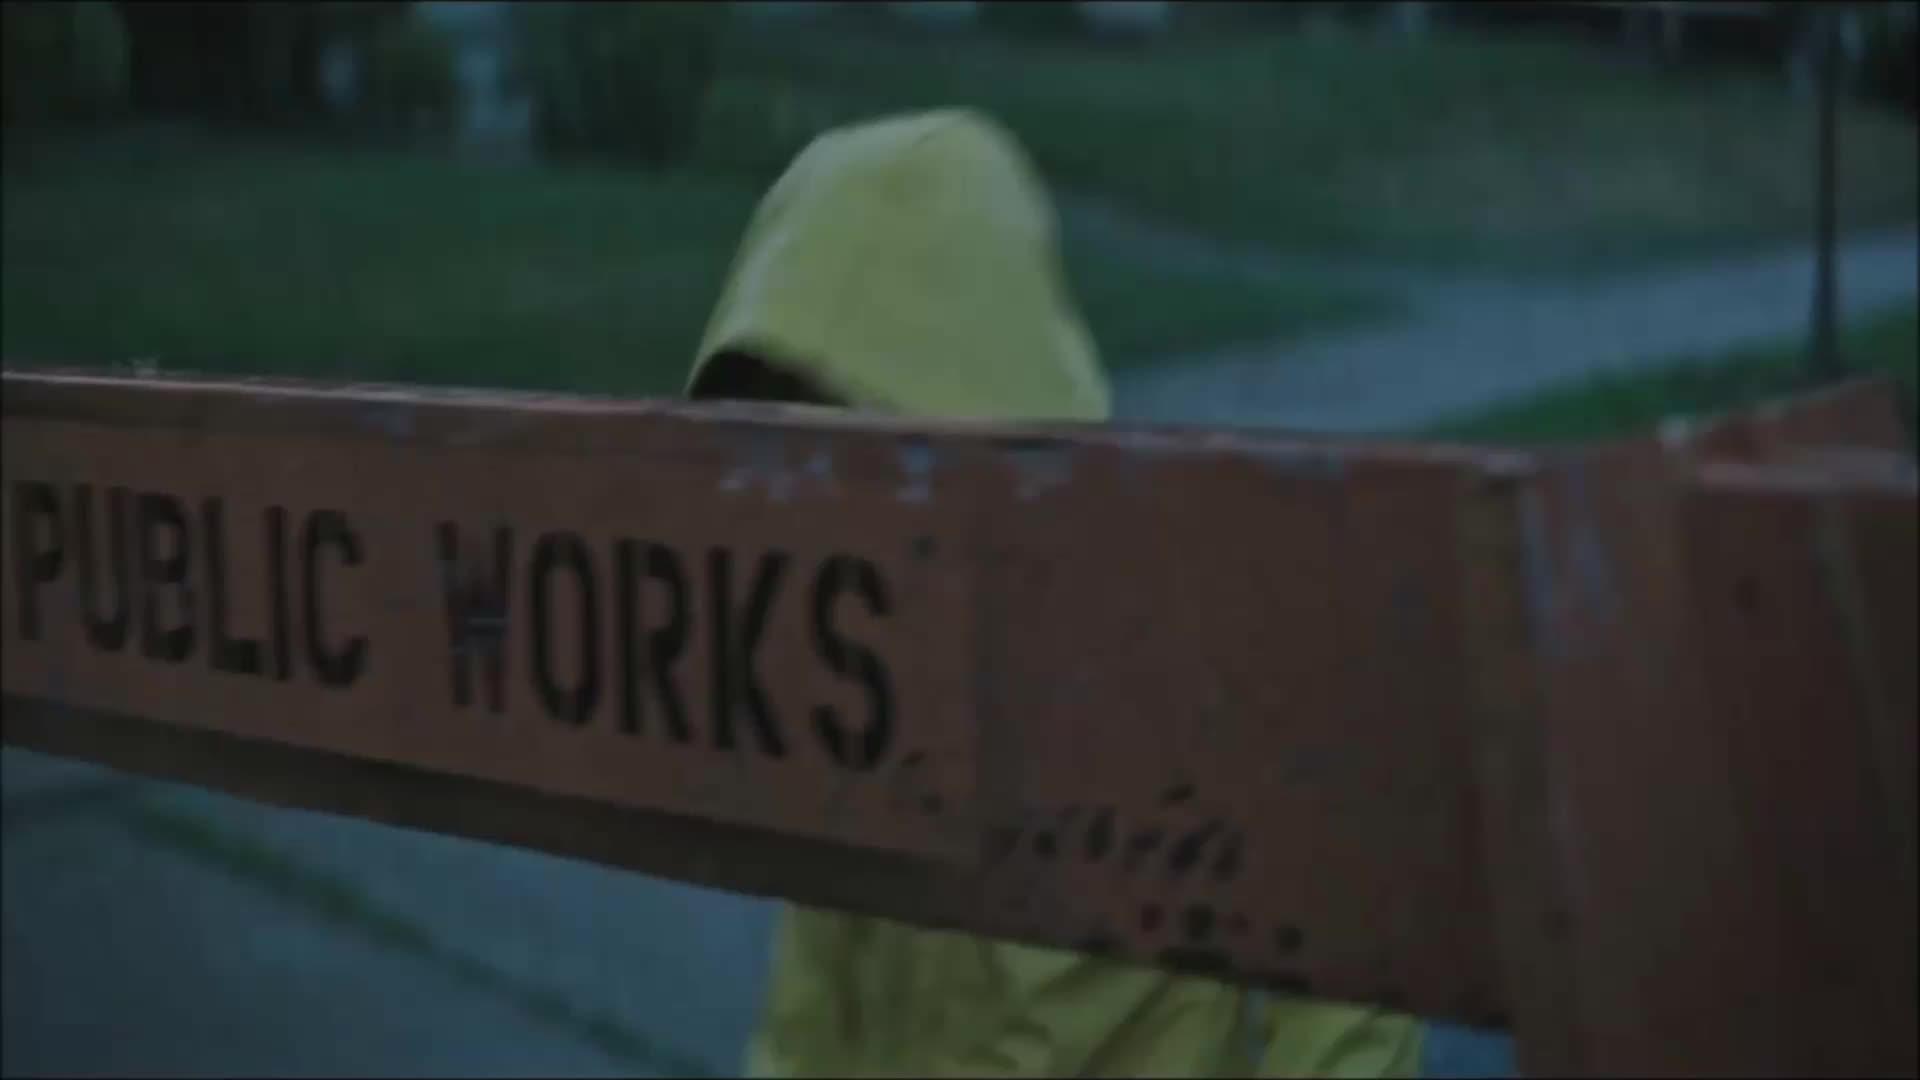 clown, creepy, horror, it, it movie, scary, warner bros., warnerbros, wb, Ouch. GIFs